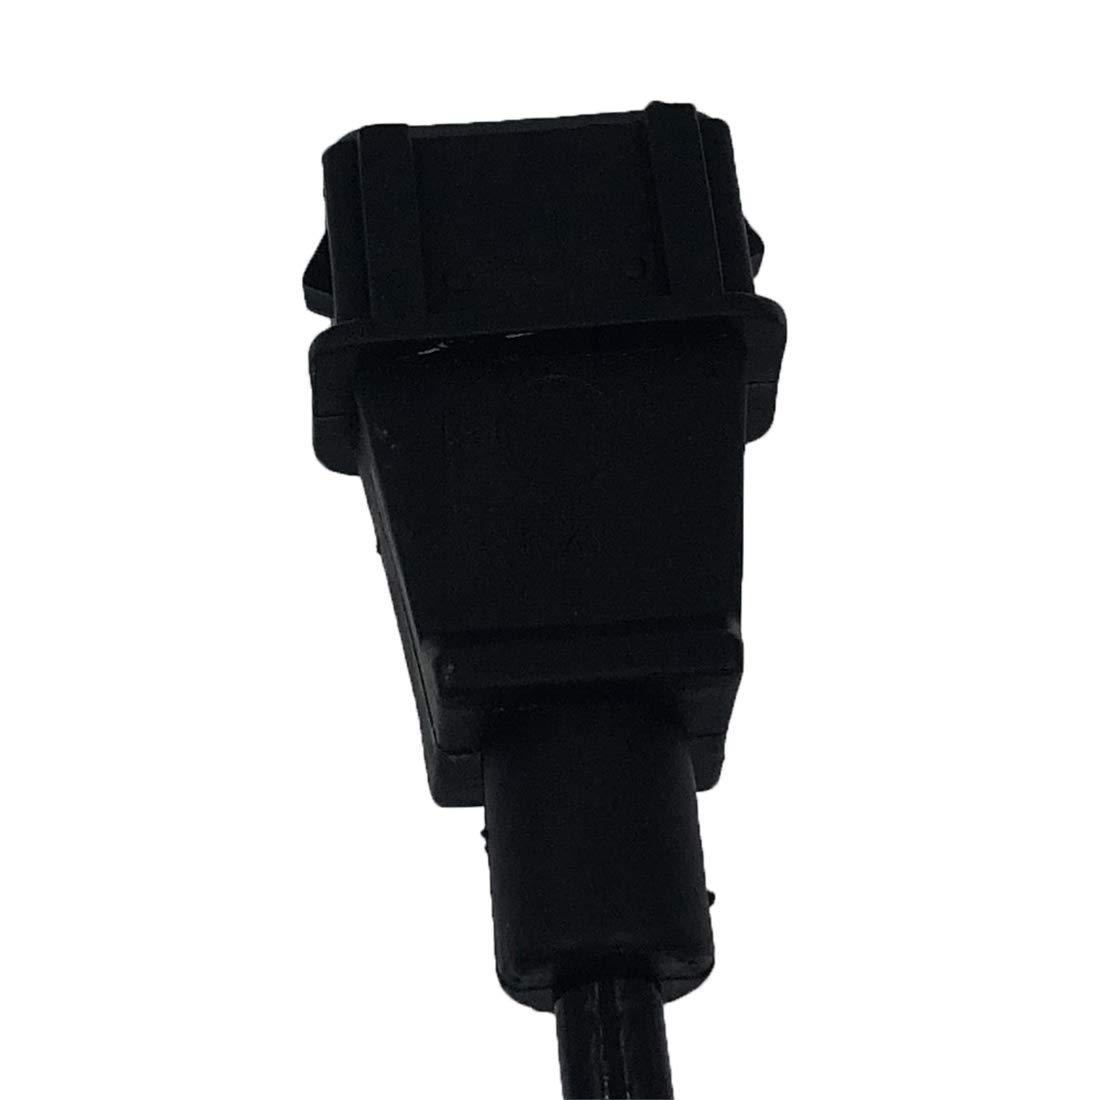 0231210104/pc414/7766252/OK9A018891 Auto Car Crankshaft Position Sensor For Fiat Scania